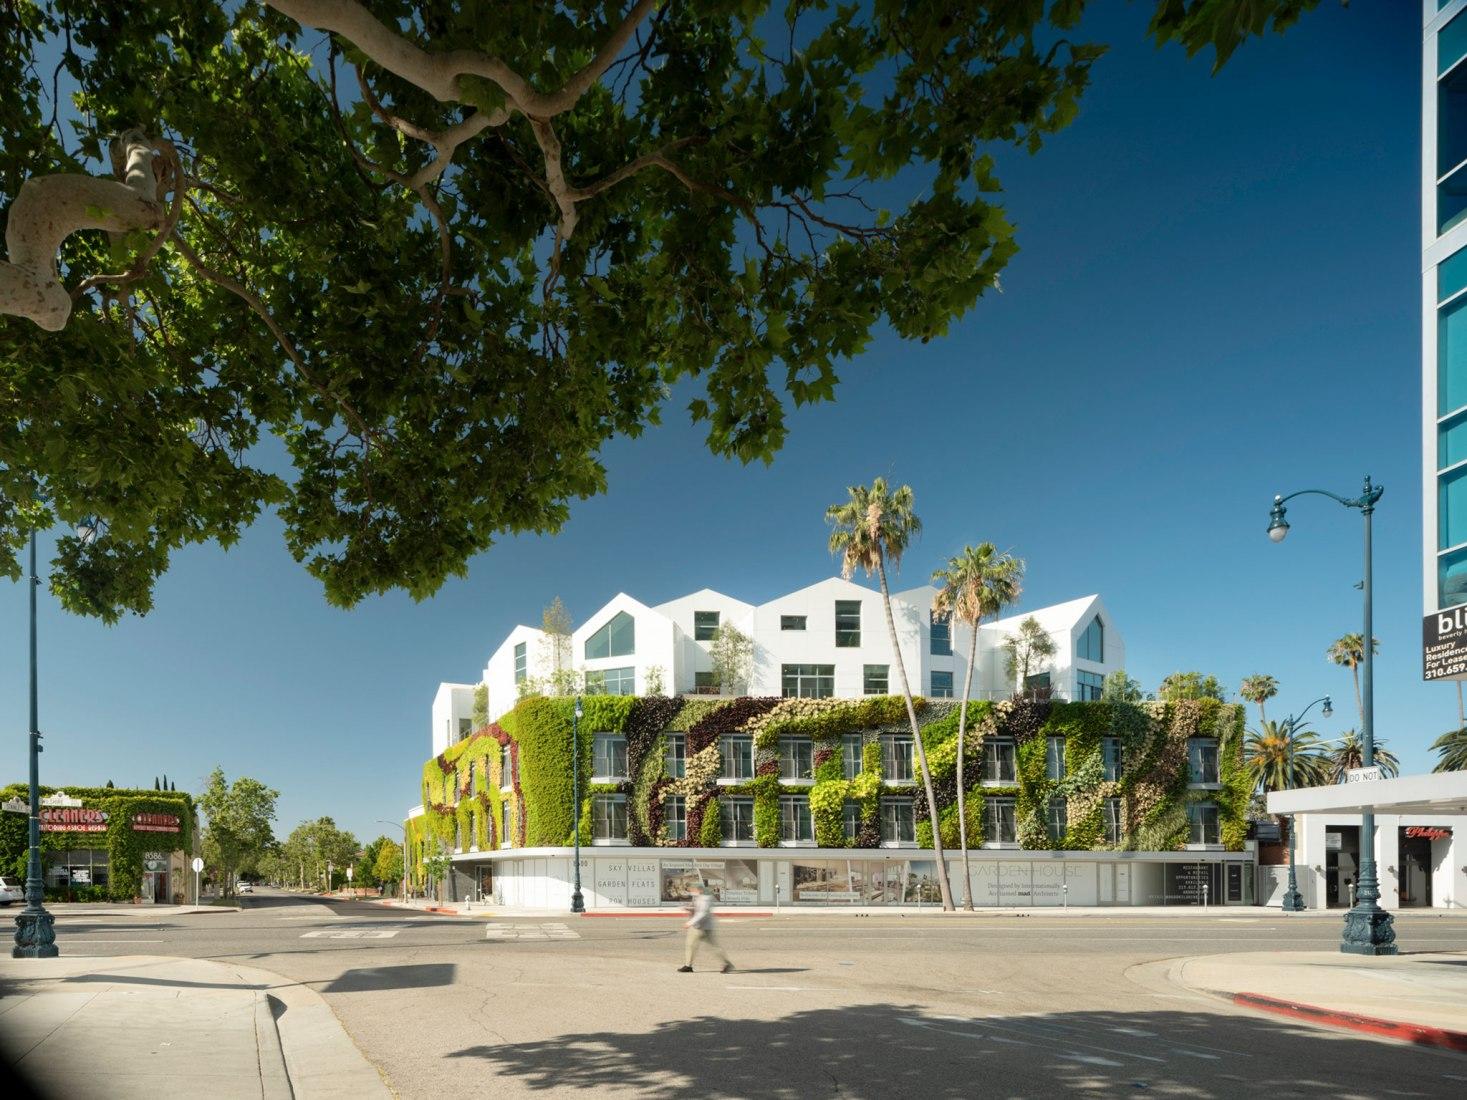 Garden House por MAD Architects. Fotografía cortesía de Darren Bradley